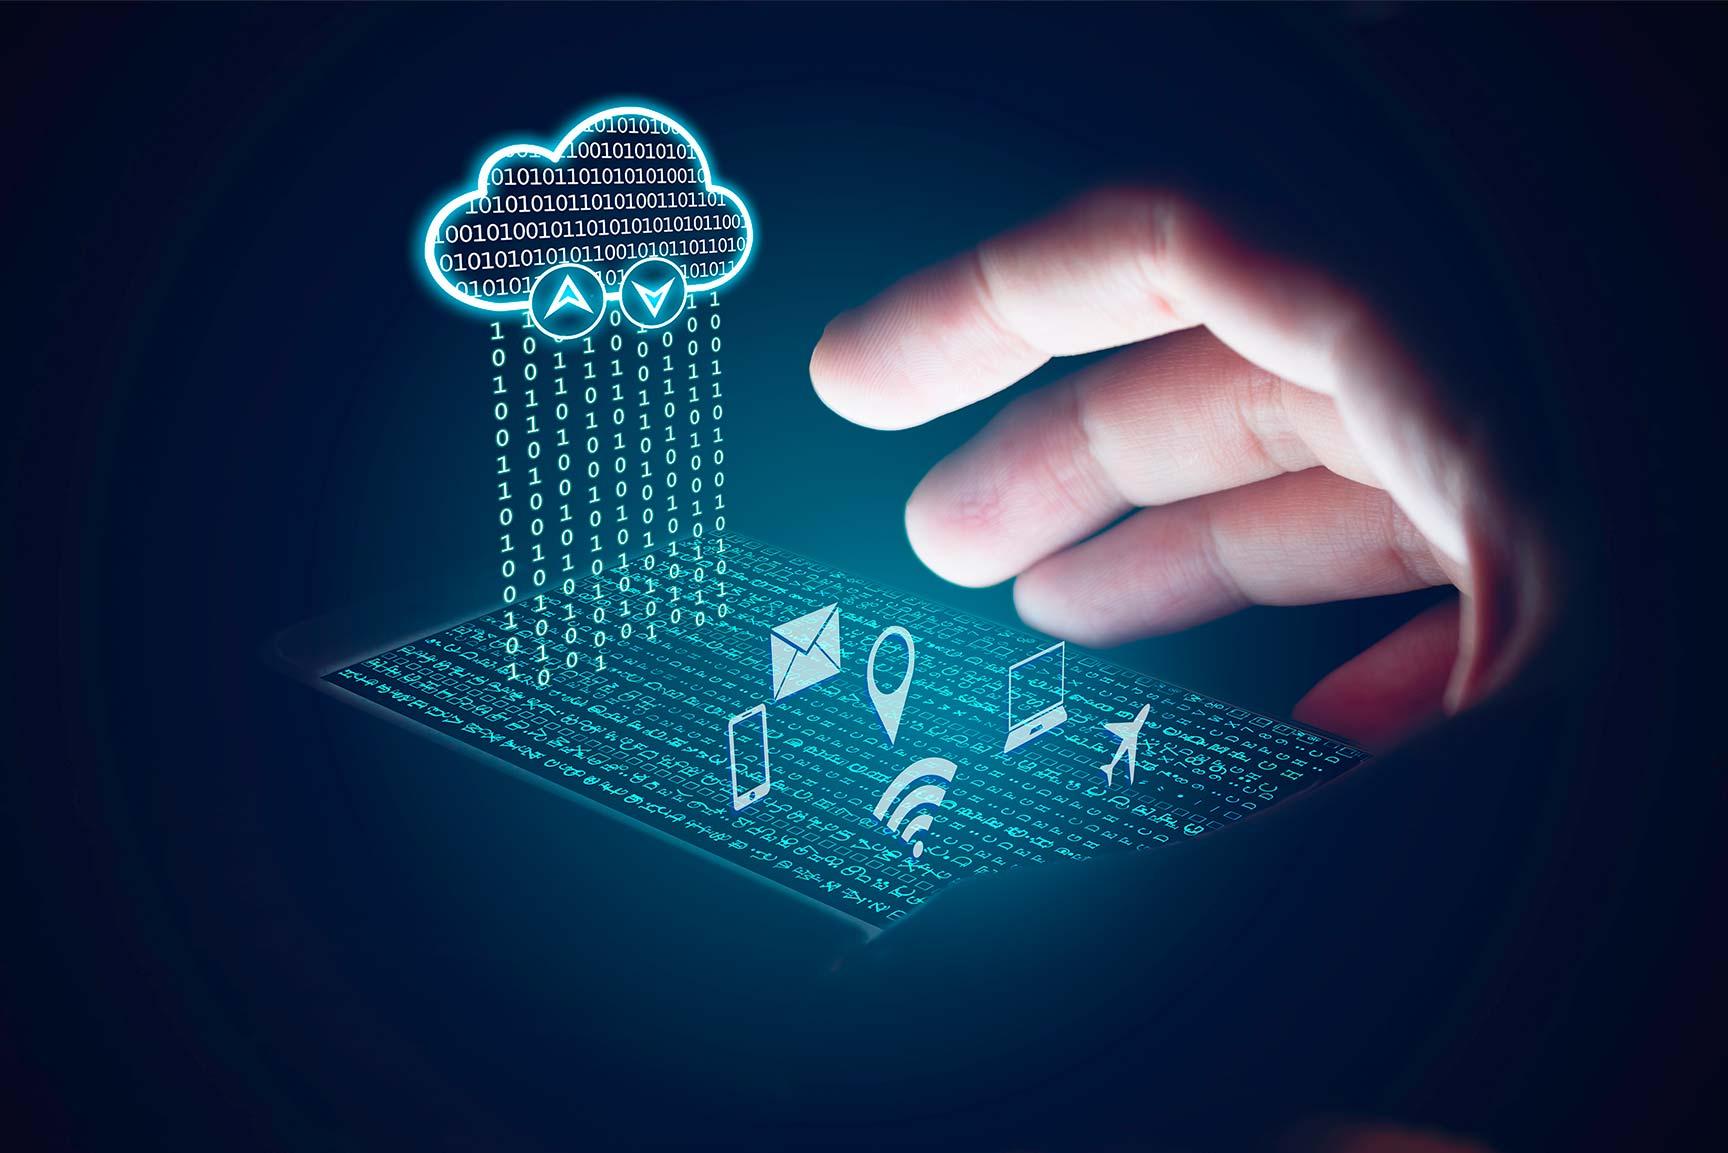 Centro de contacto en la nube: elige tu propio camino en el tiempo adecuado